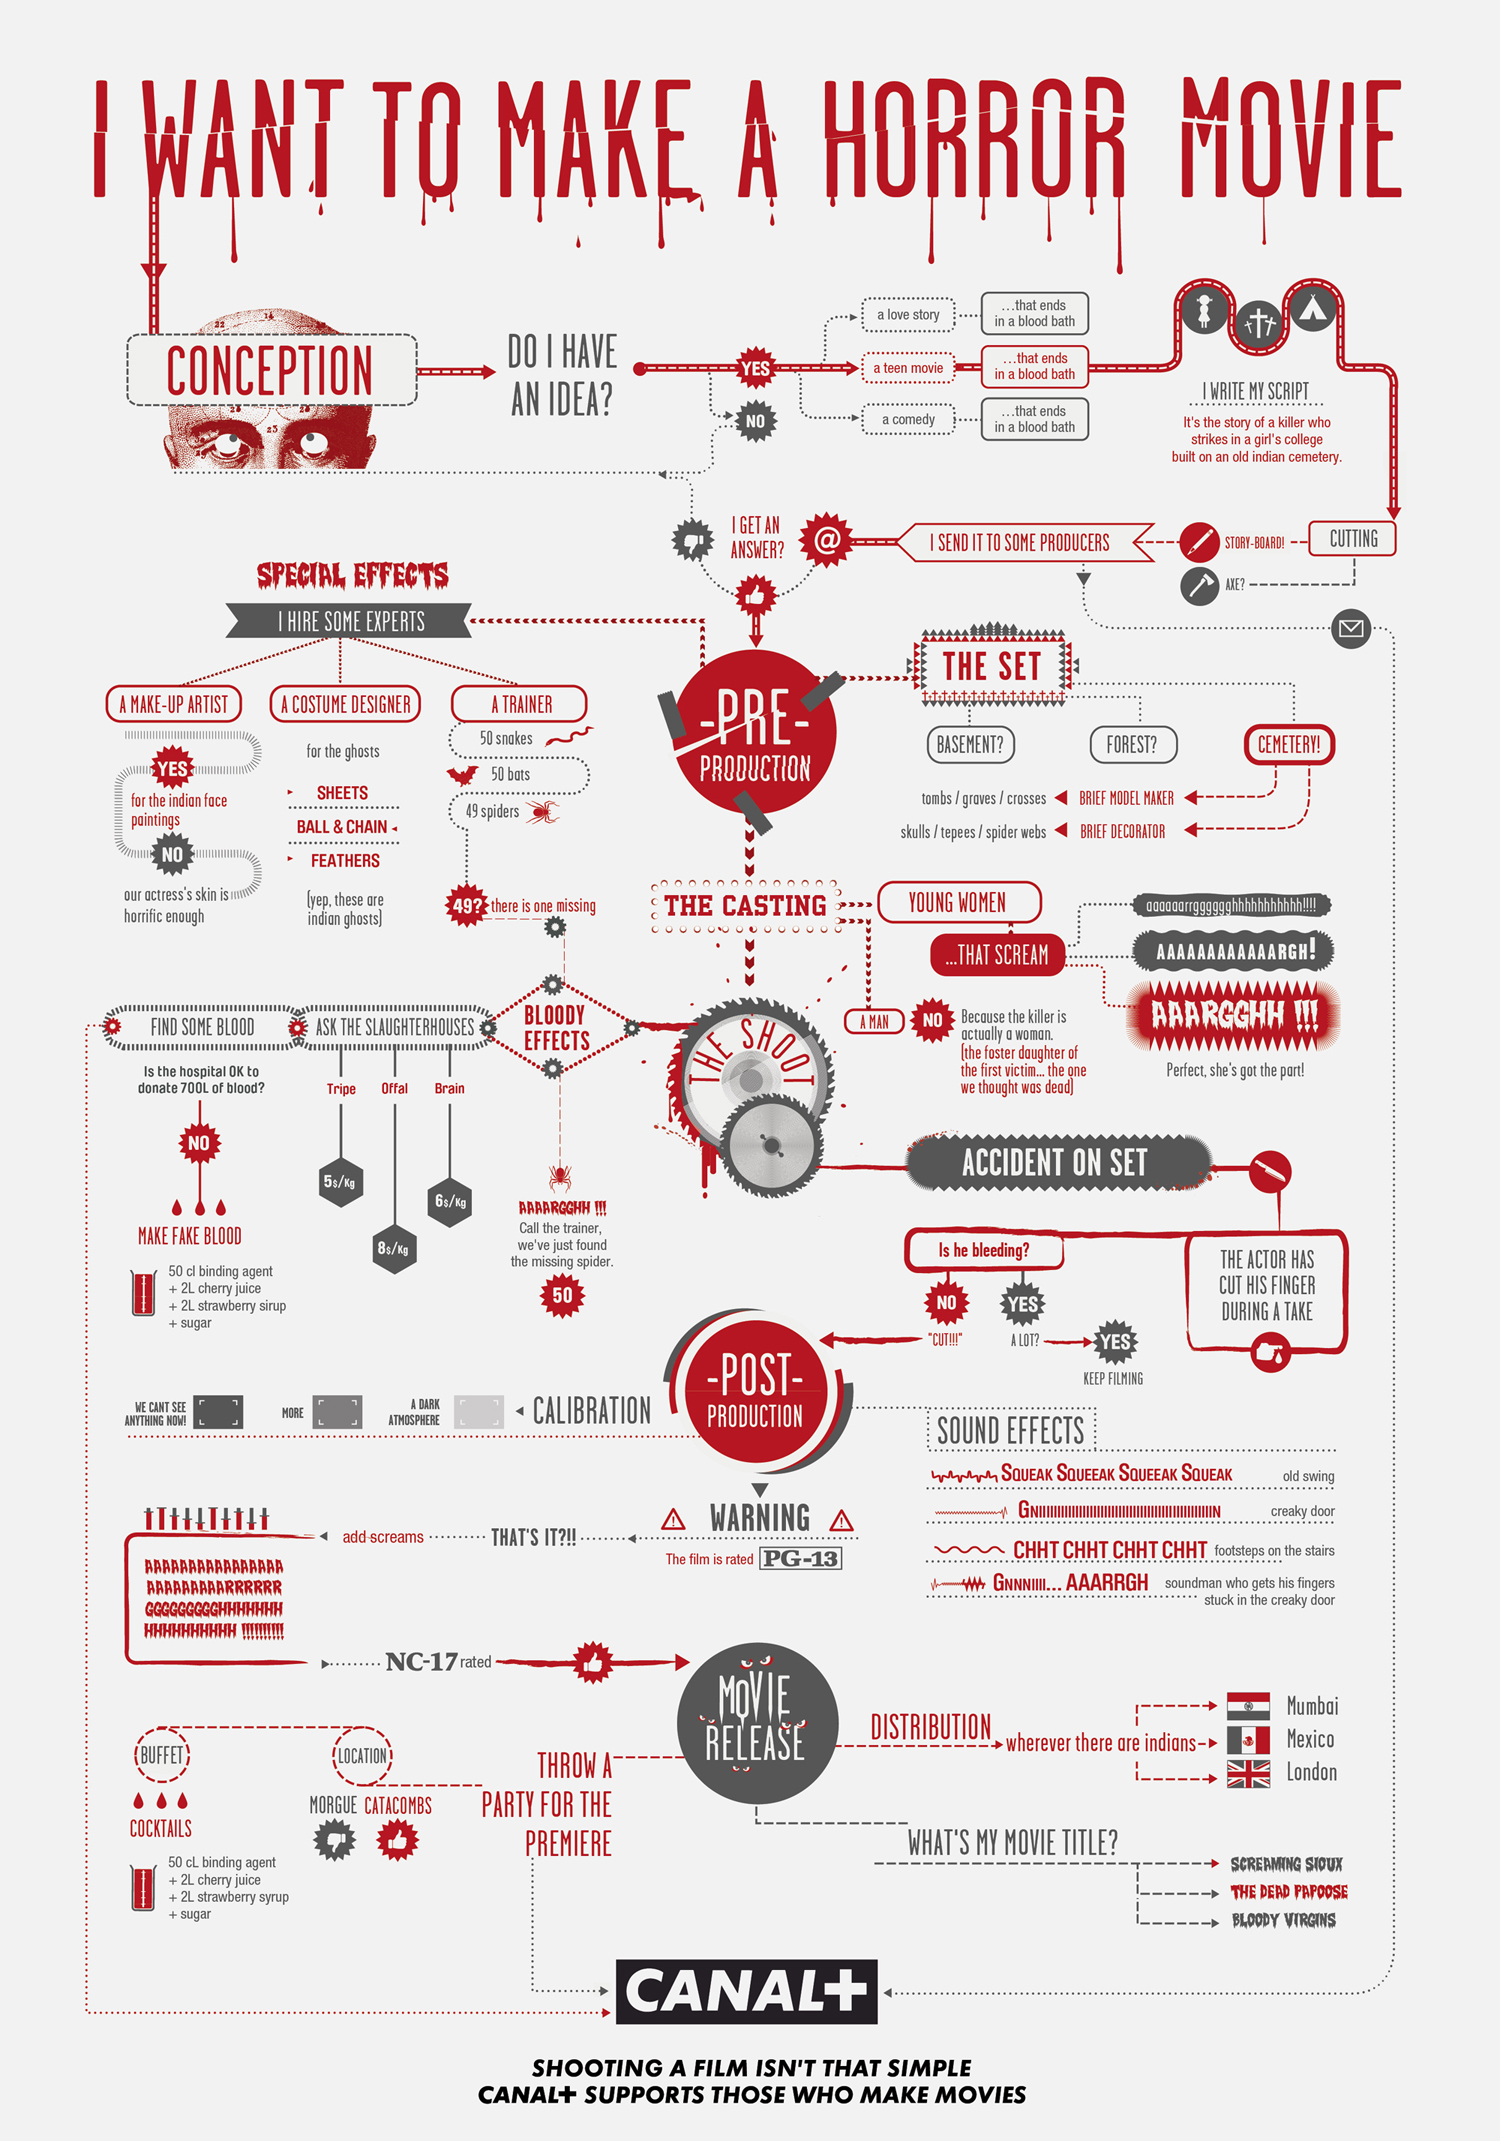 Инфографика: как снять хоррор фильм